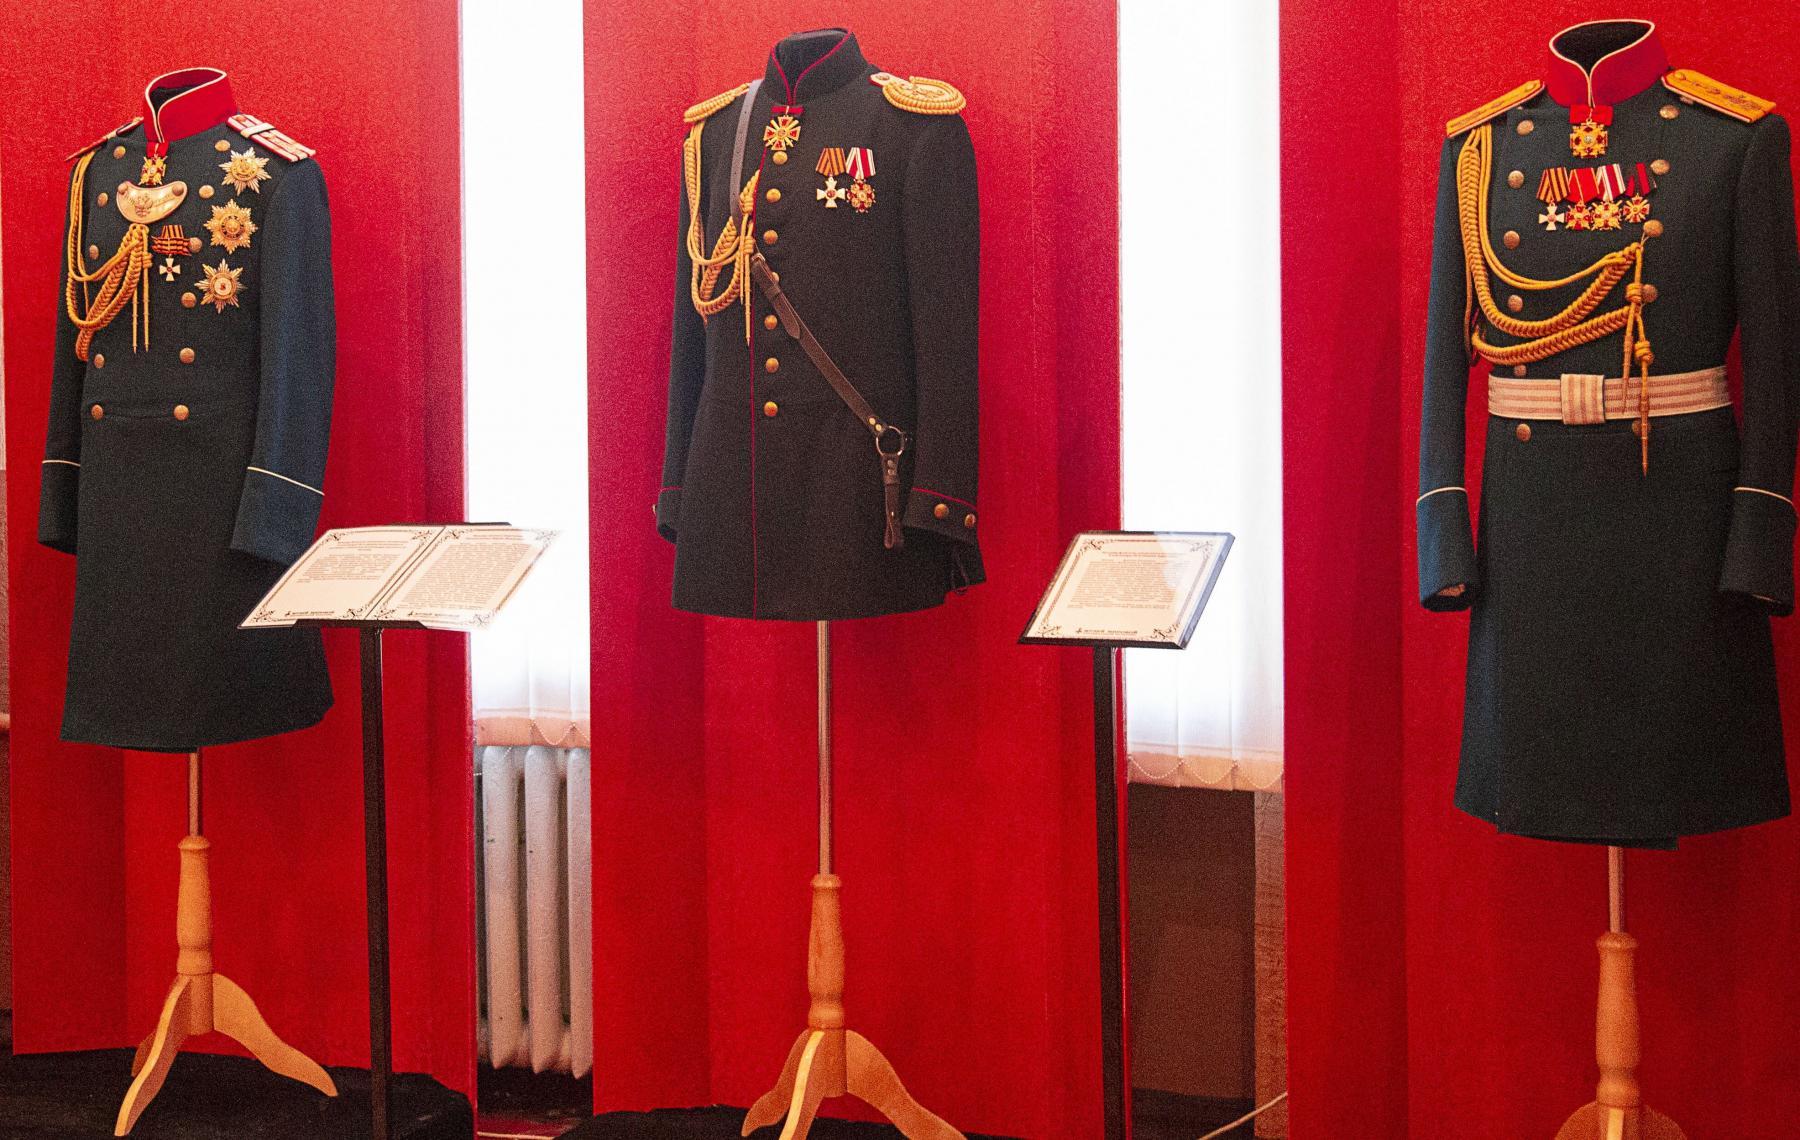 фото В Новосибирске открыли выставку о правдивой истории Российской Империи 6